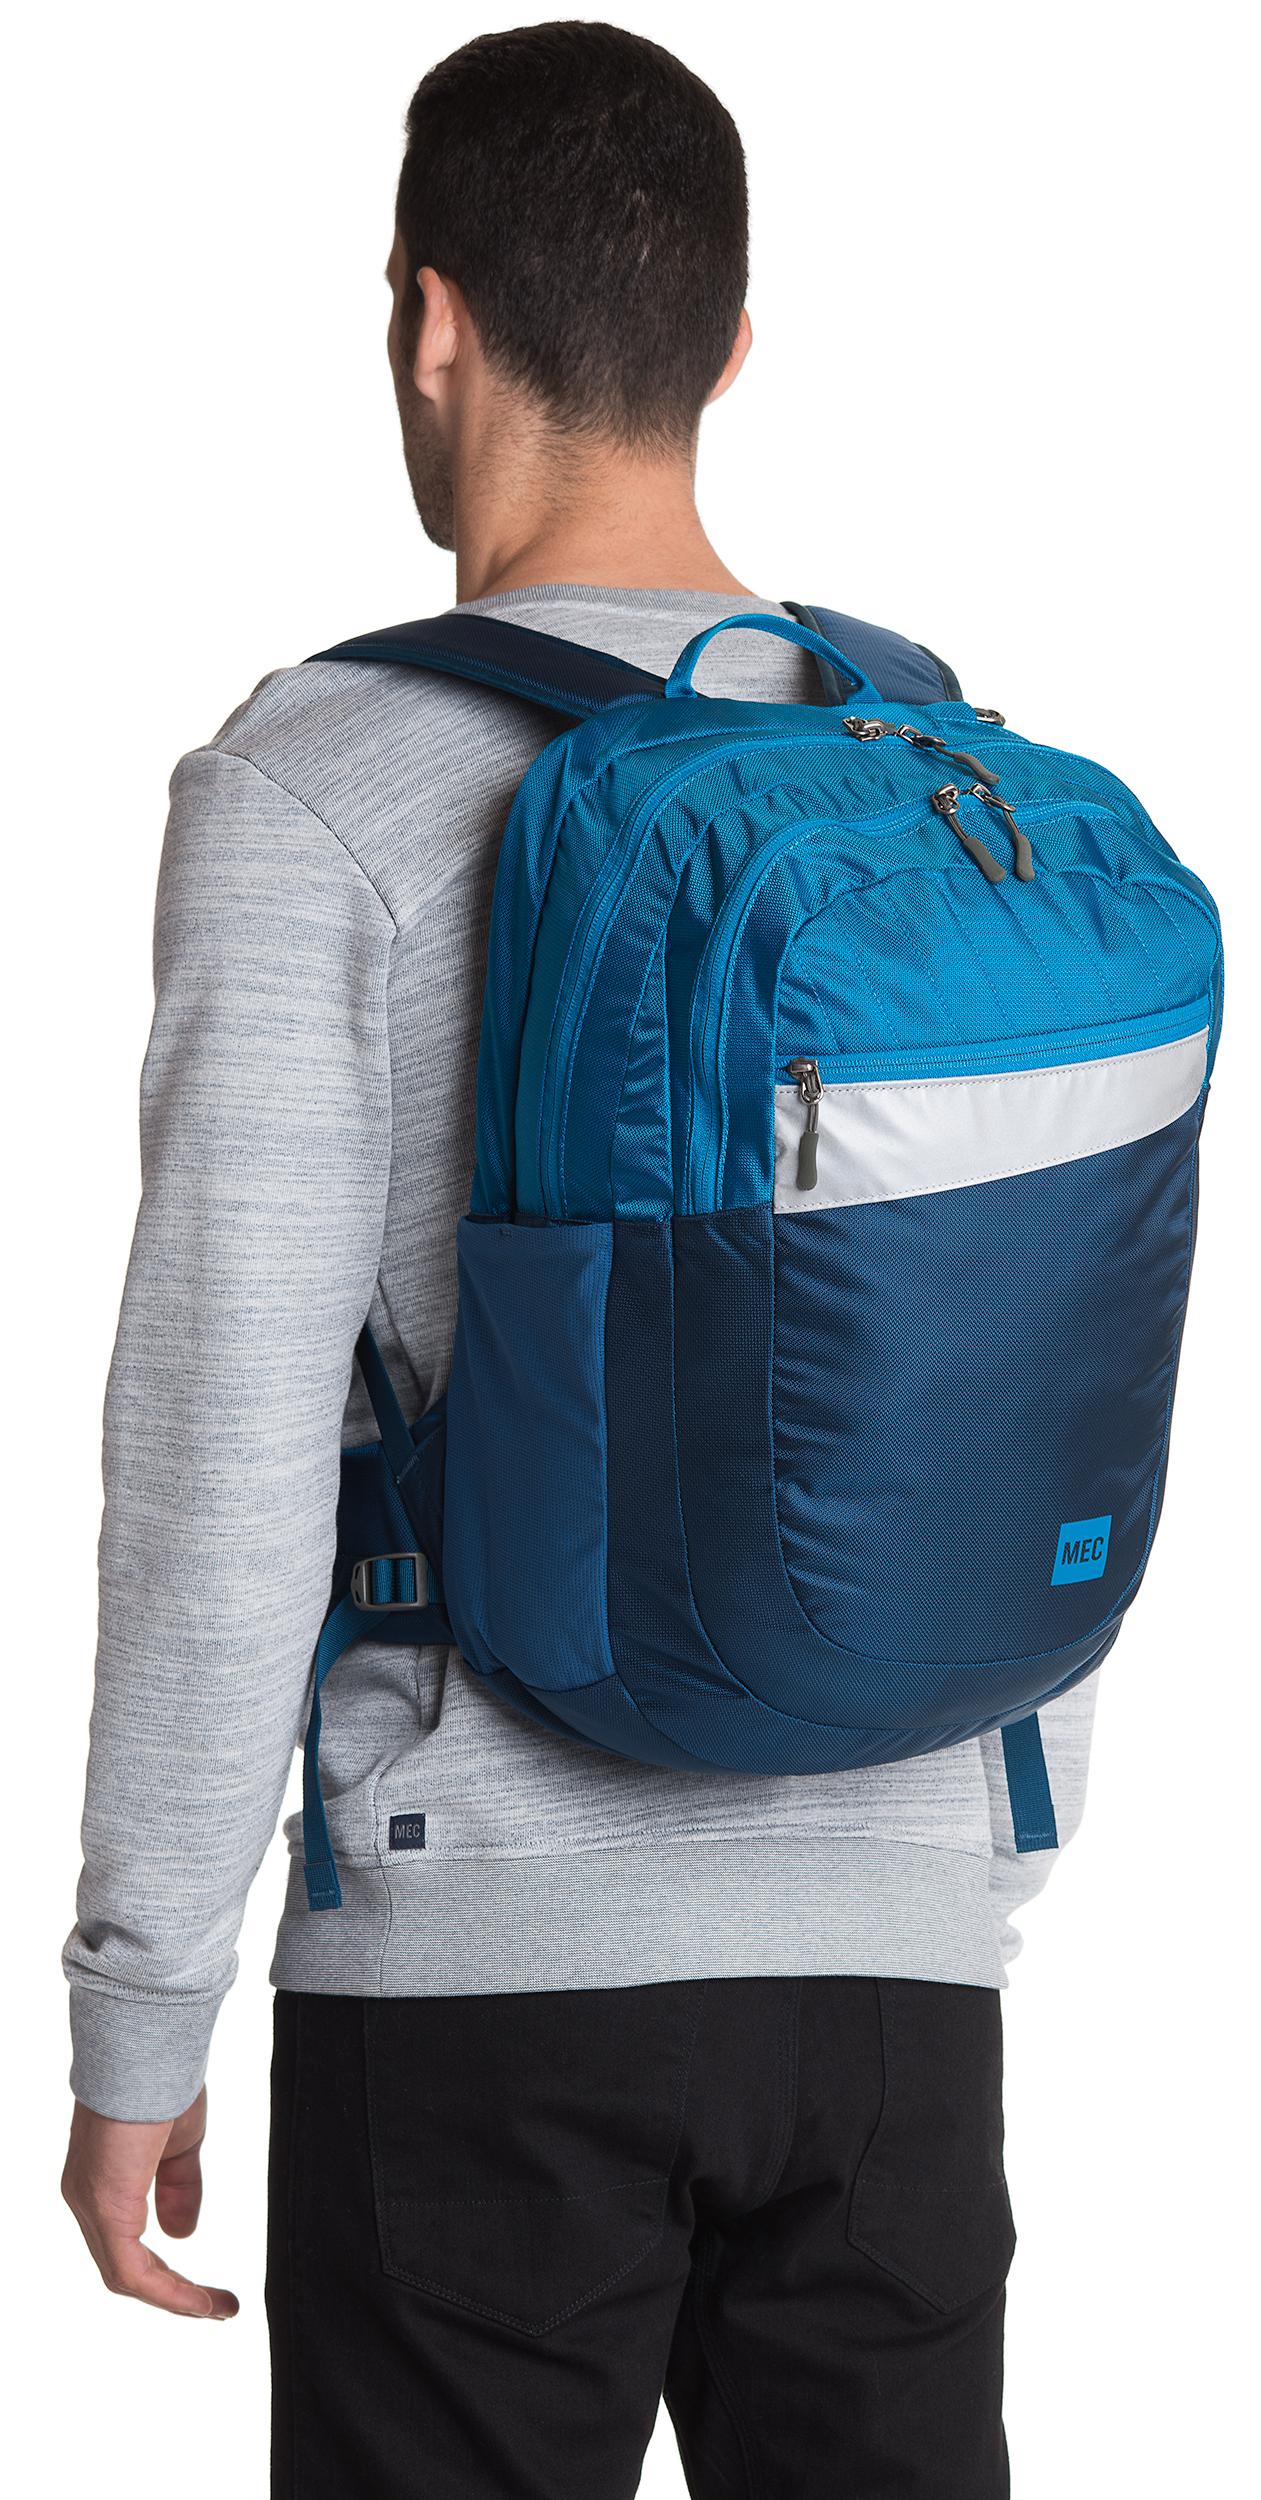 mec campus book bag uni